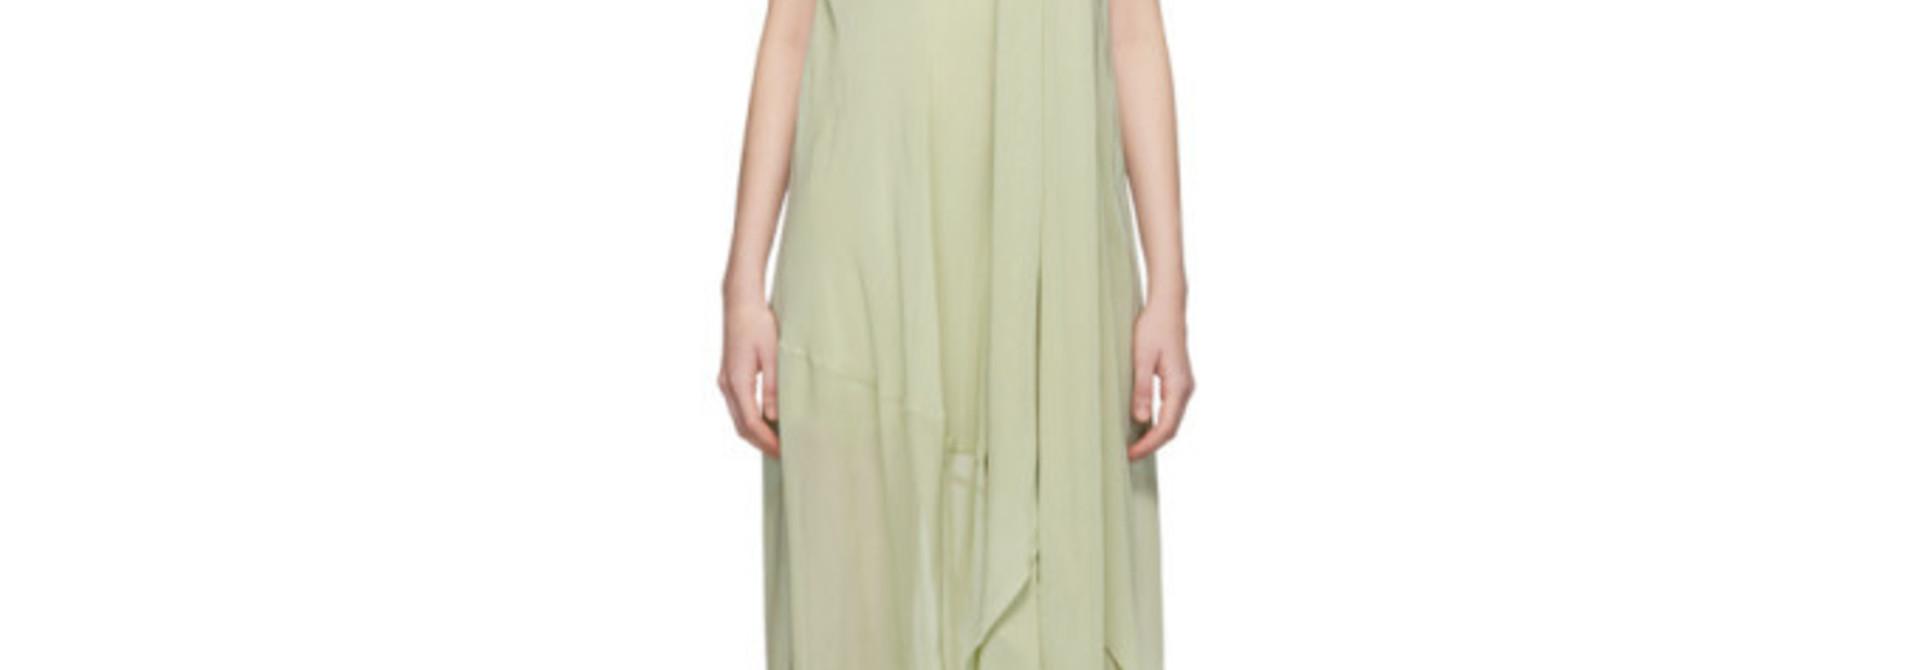 Long Dress - Light Green - Sz 38